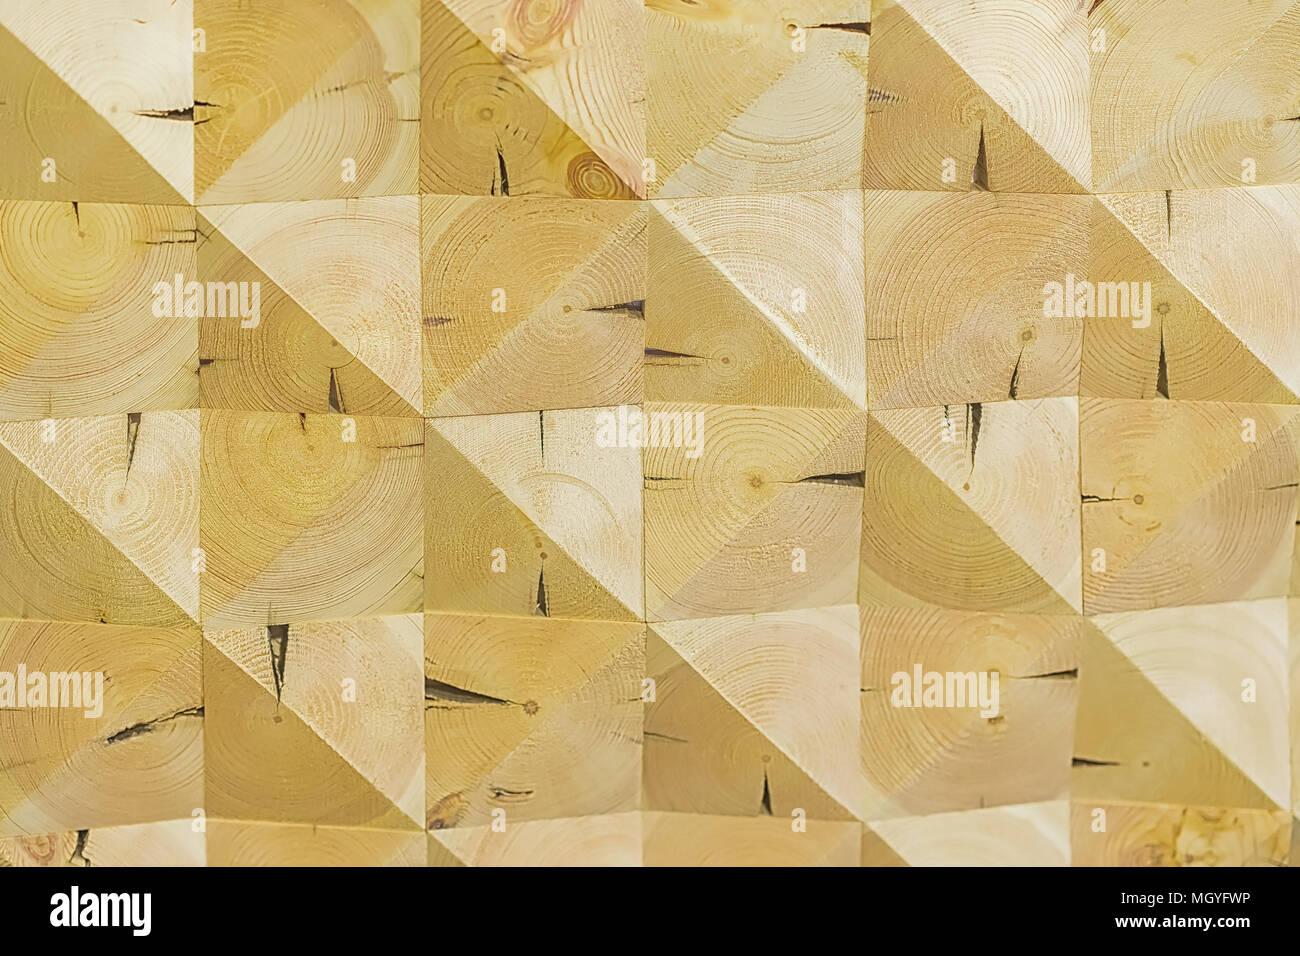 Legno Naturale Chiaro : Abstract decorativo non verniciata ecologico di legno chiaro sfondo